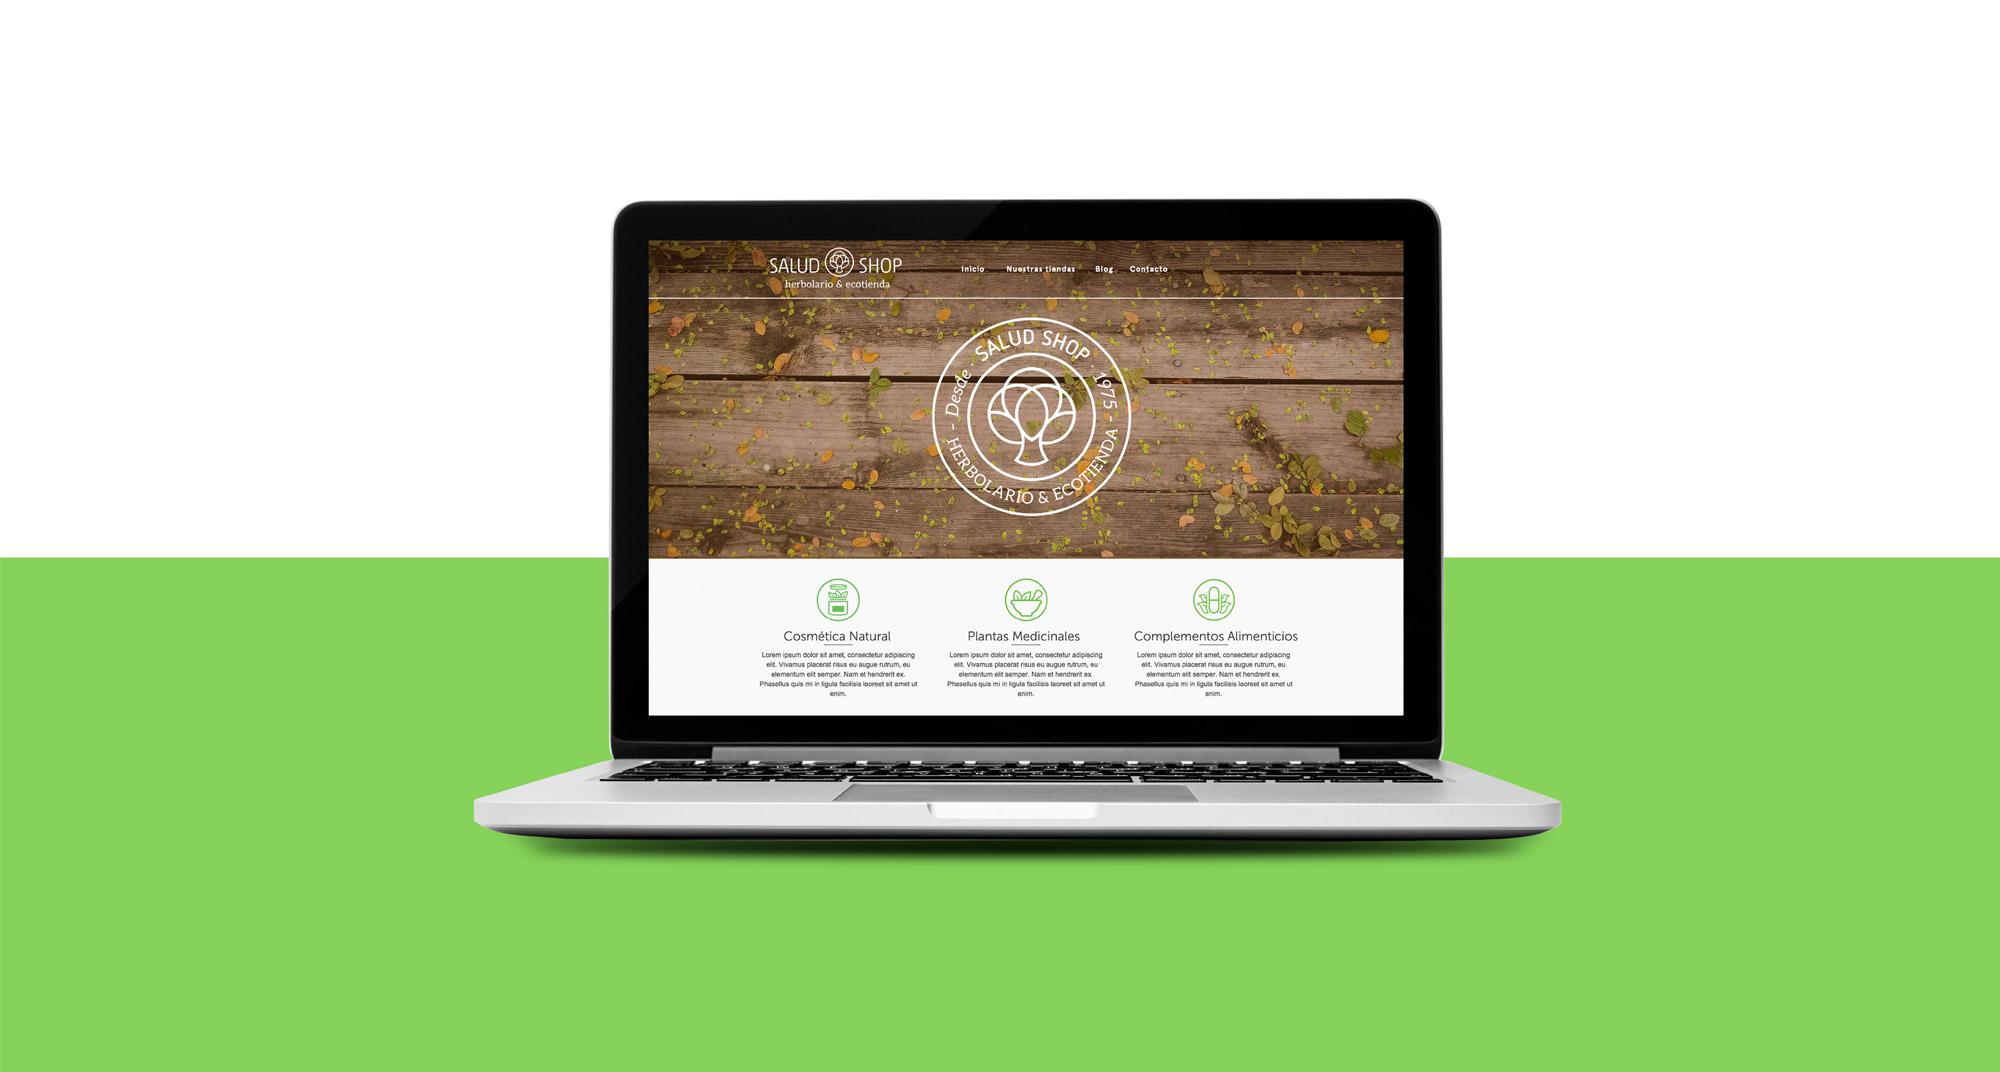 Diseño web para la tienda de saludshop